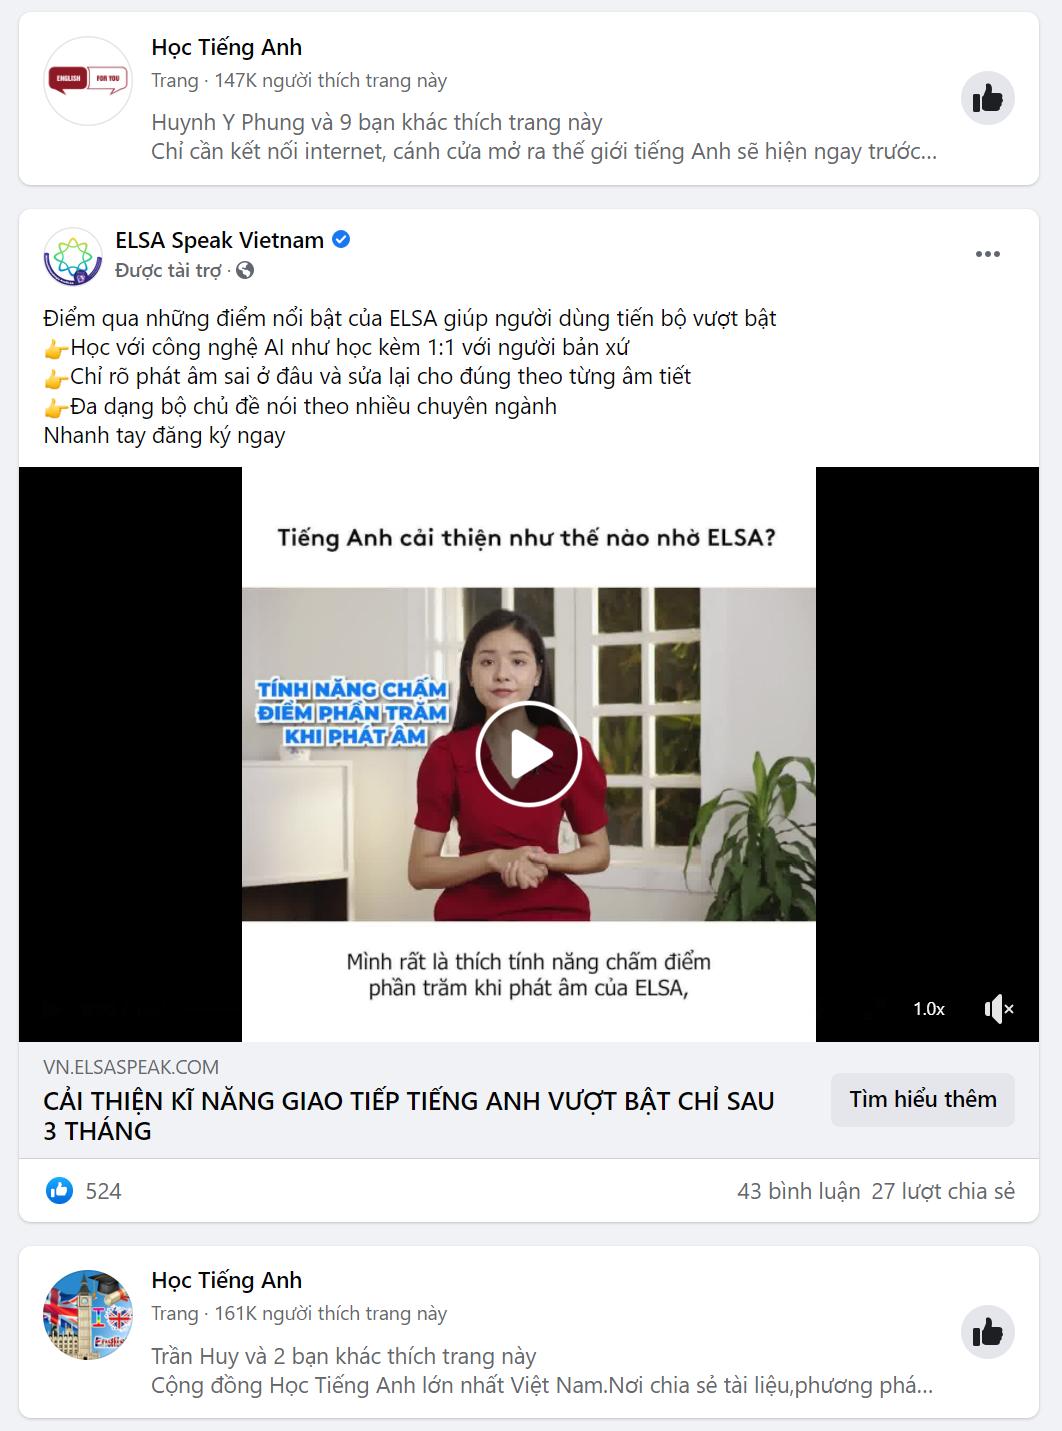 target facebook khóa học tiếng Anh mới nhất